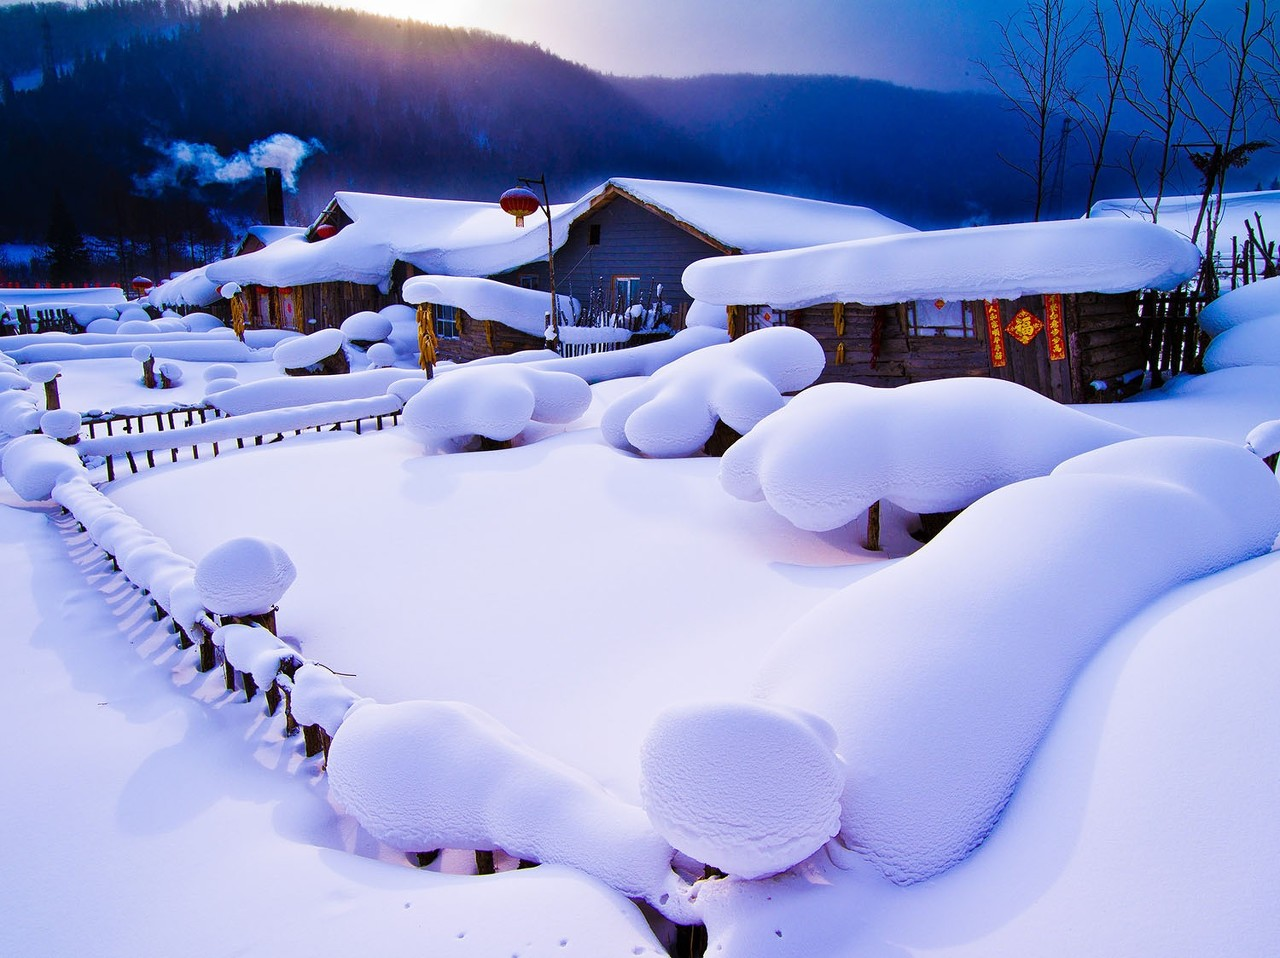 哈尔滨、亚布力滑雪、二浪河团圆客栈、中国雪乡、冰雪画廊双飞6日游